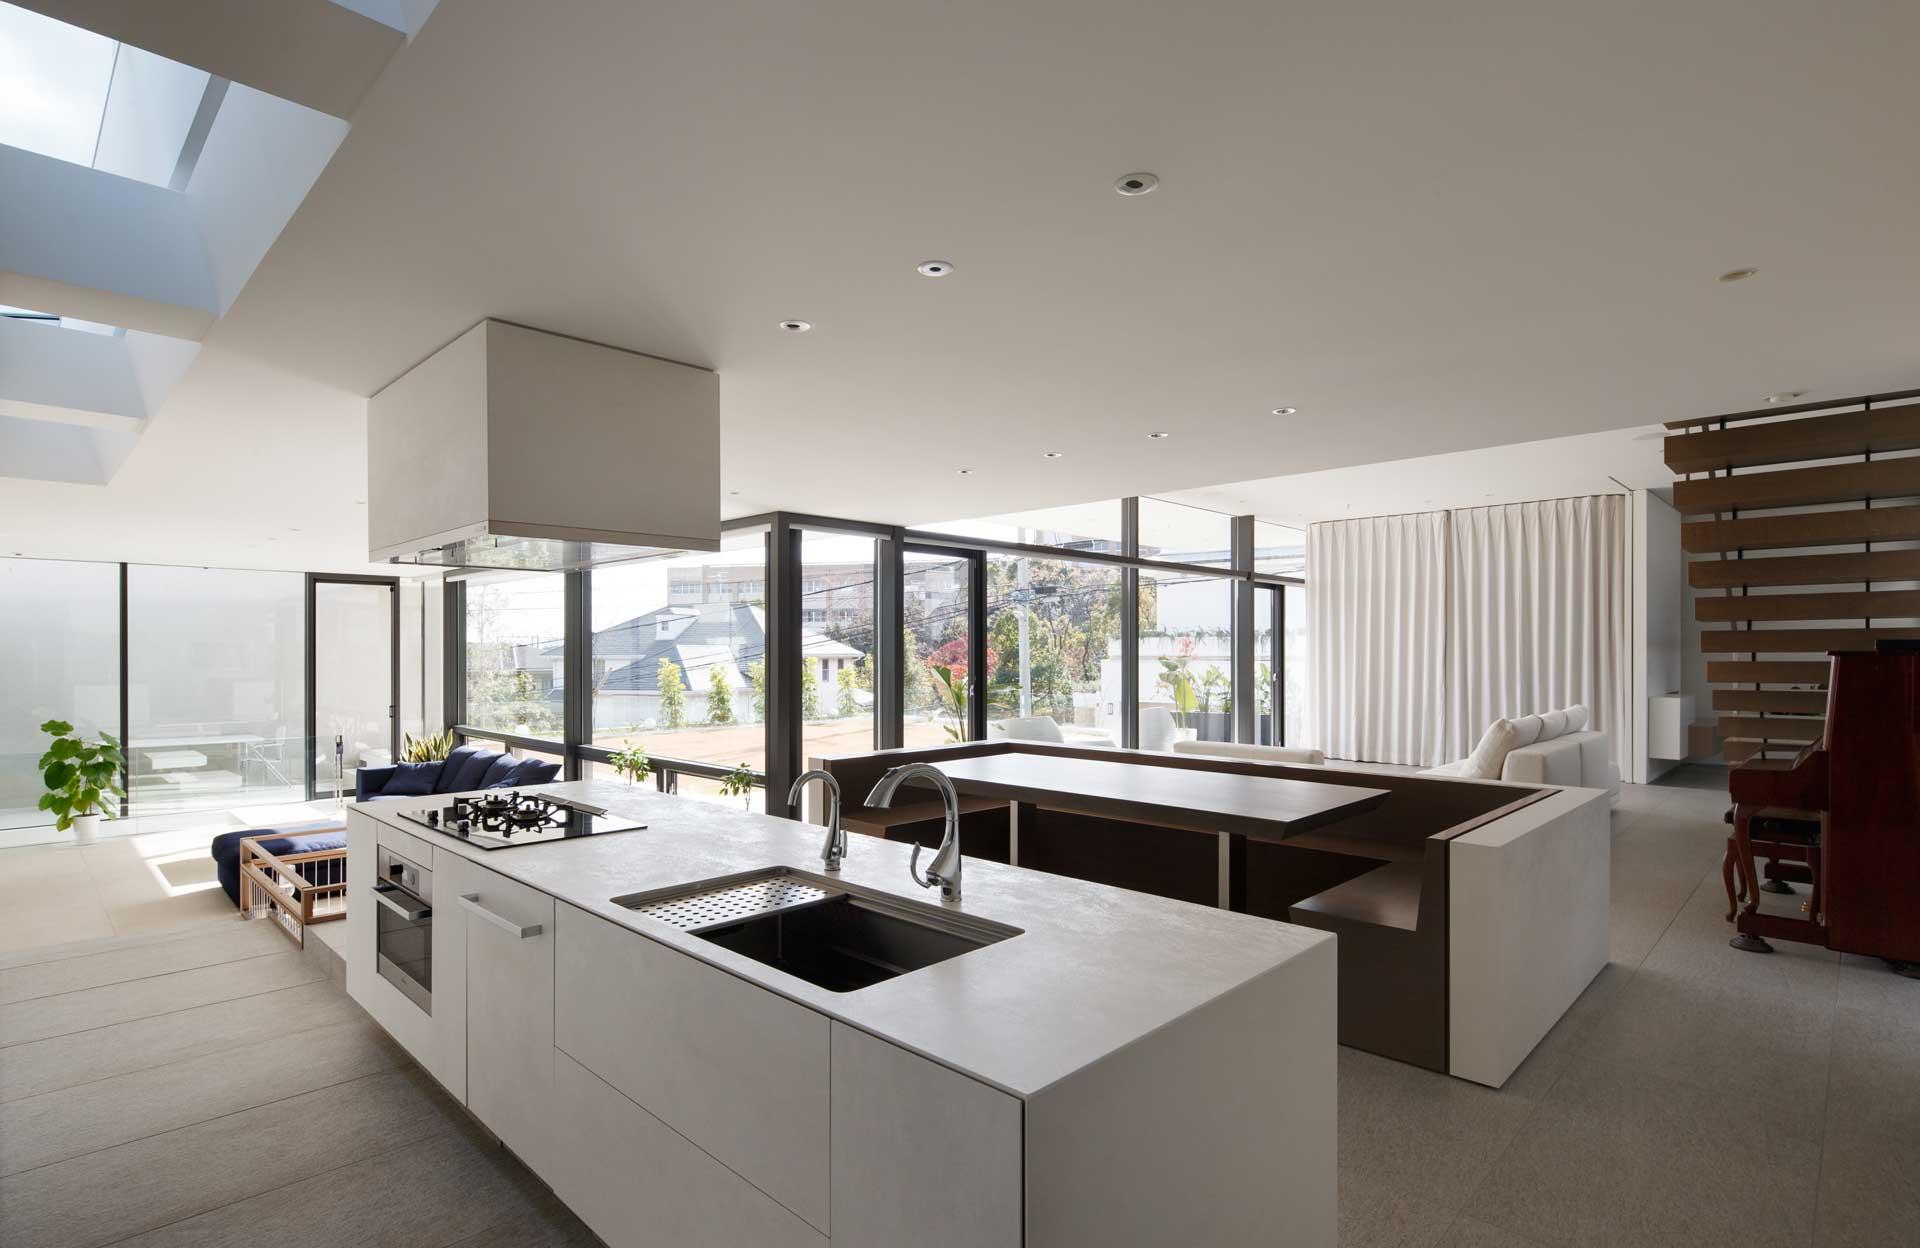 S residence